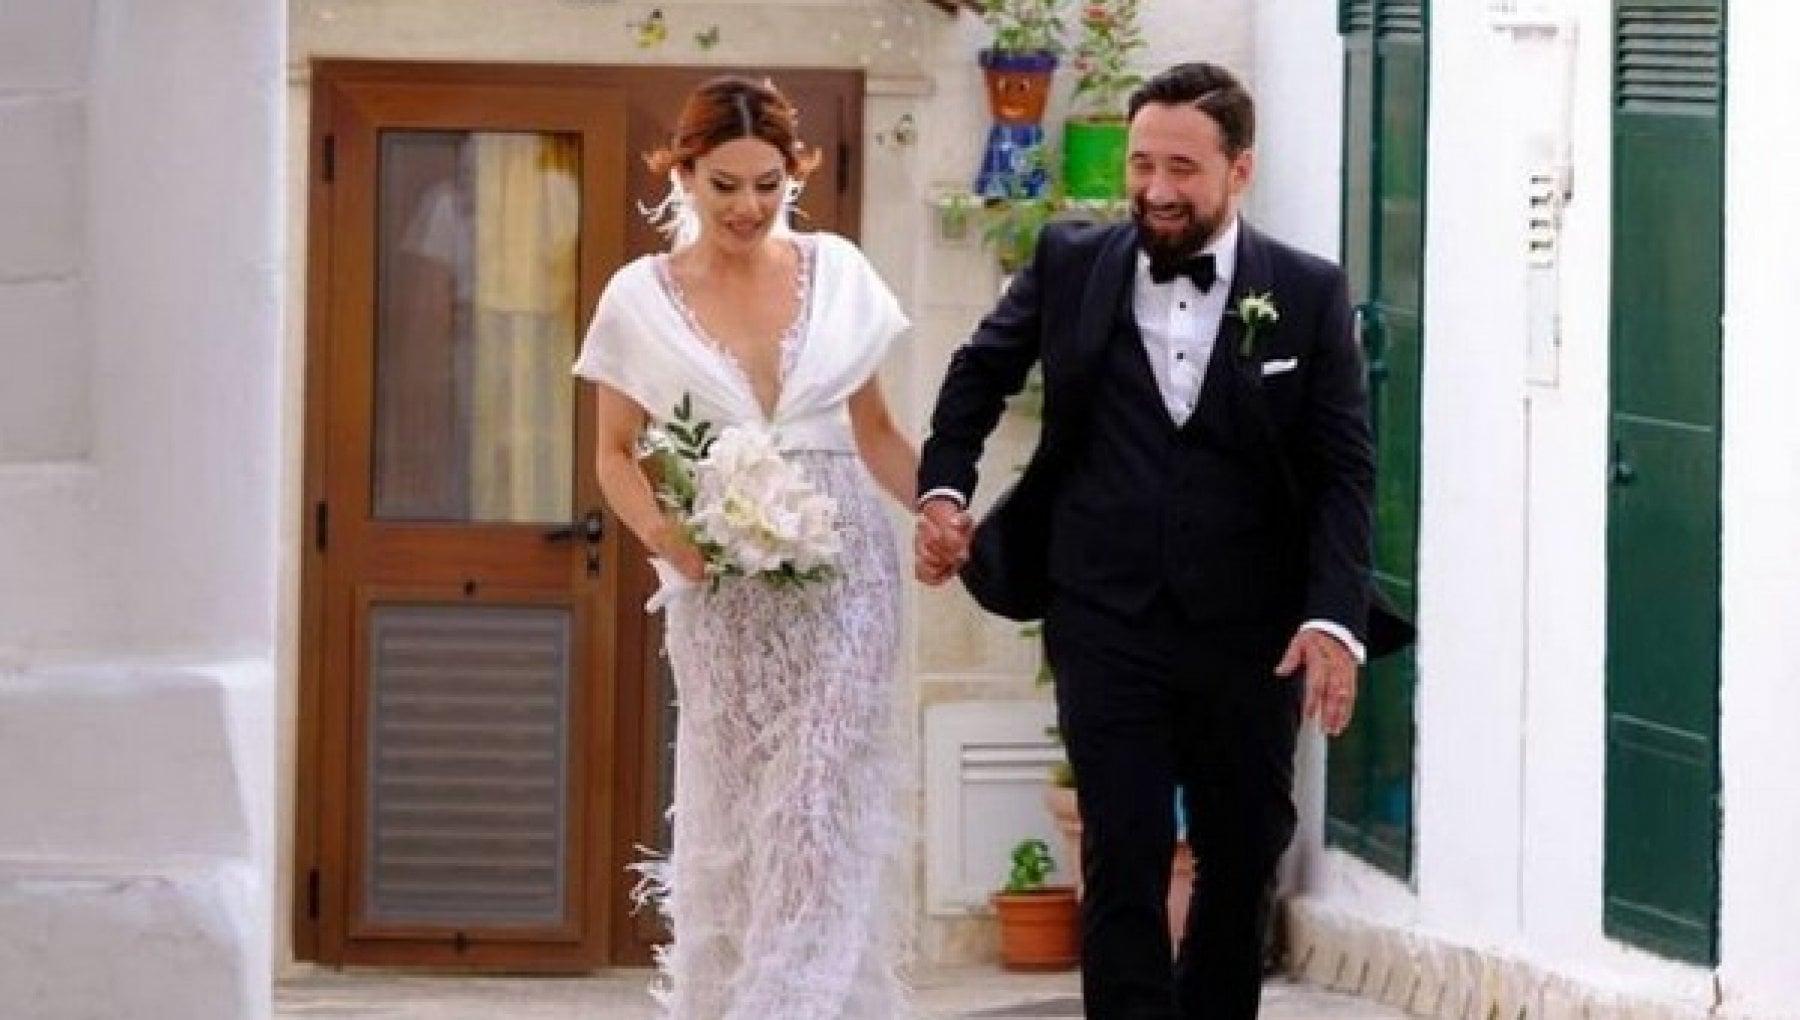 Federico Zampaglione e Giglia Marra si sono sposati in Puglia. Serenata  sulle note dei Tiromancino. - la Repubblica